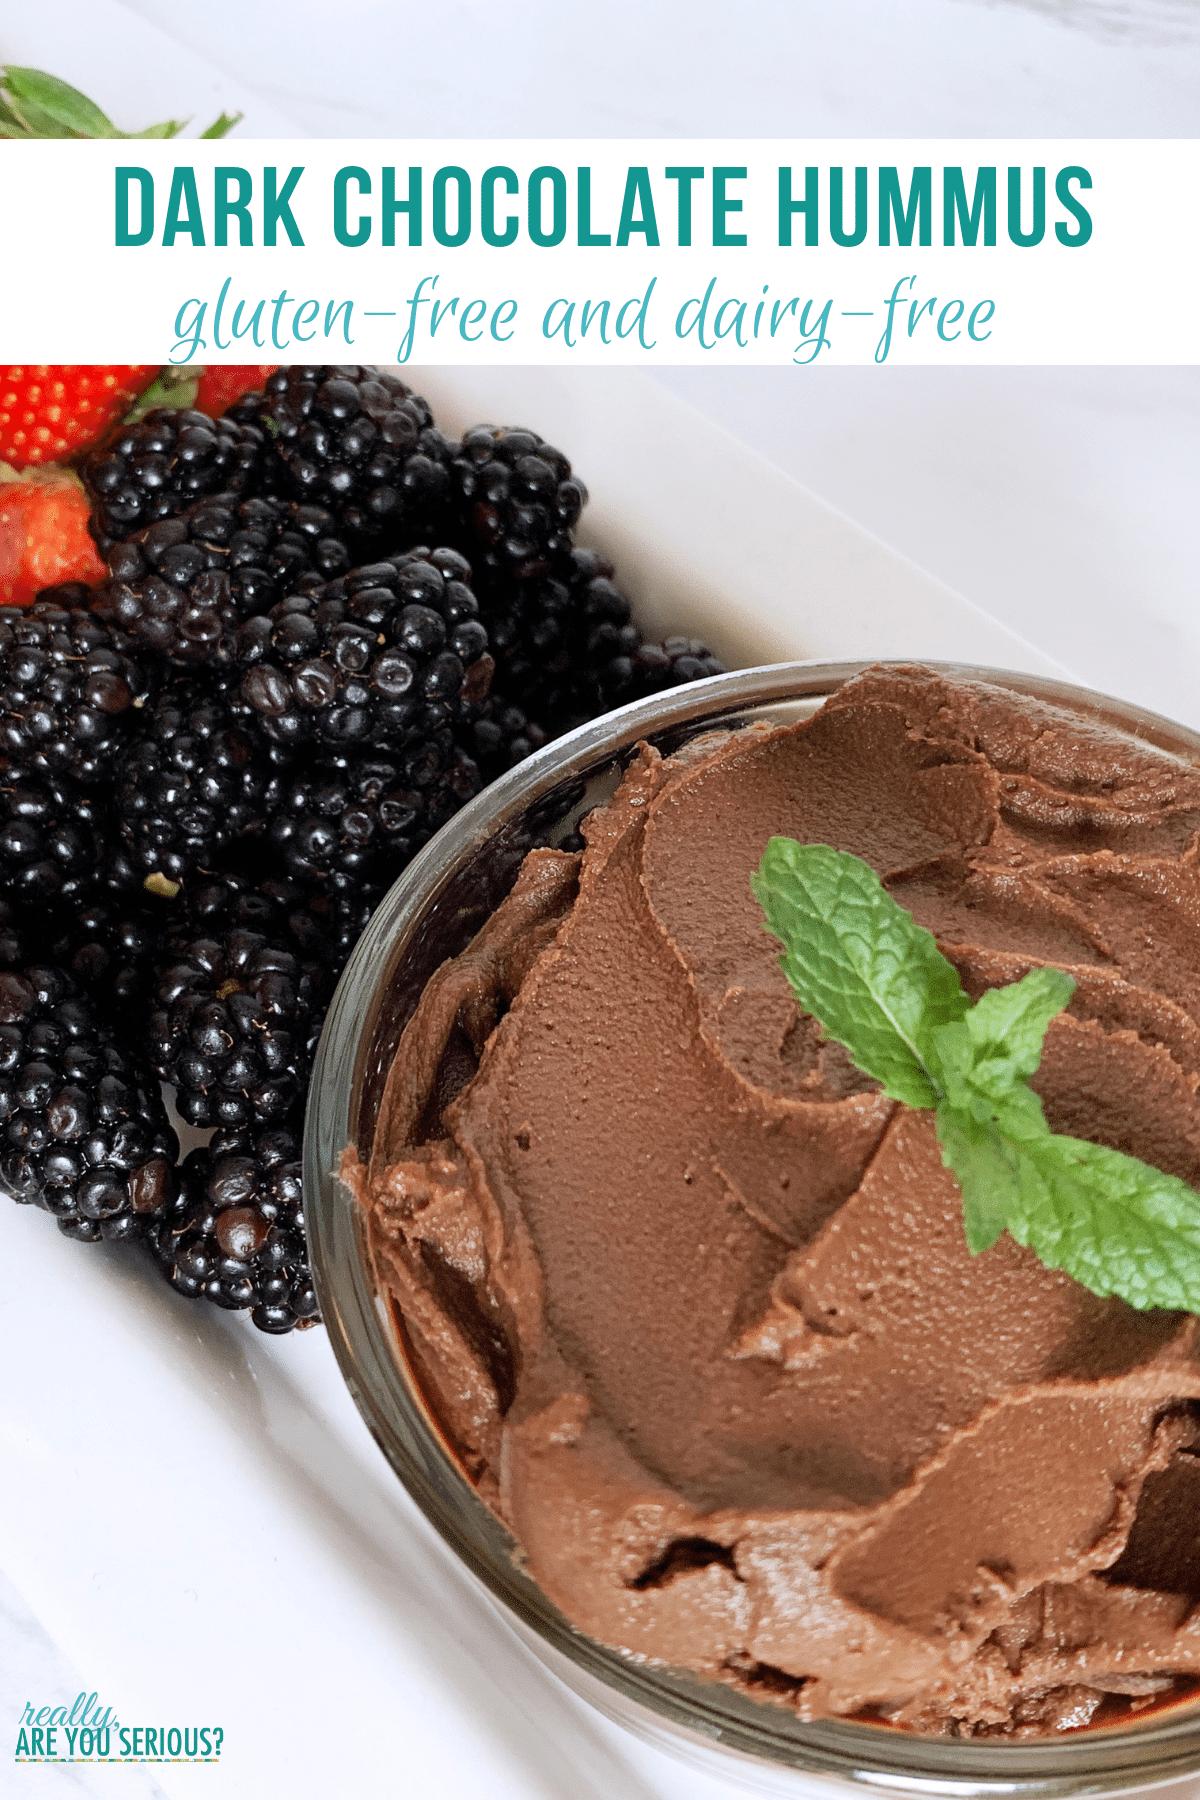 Gluten free and dairy free dark chocolate hummus